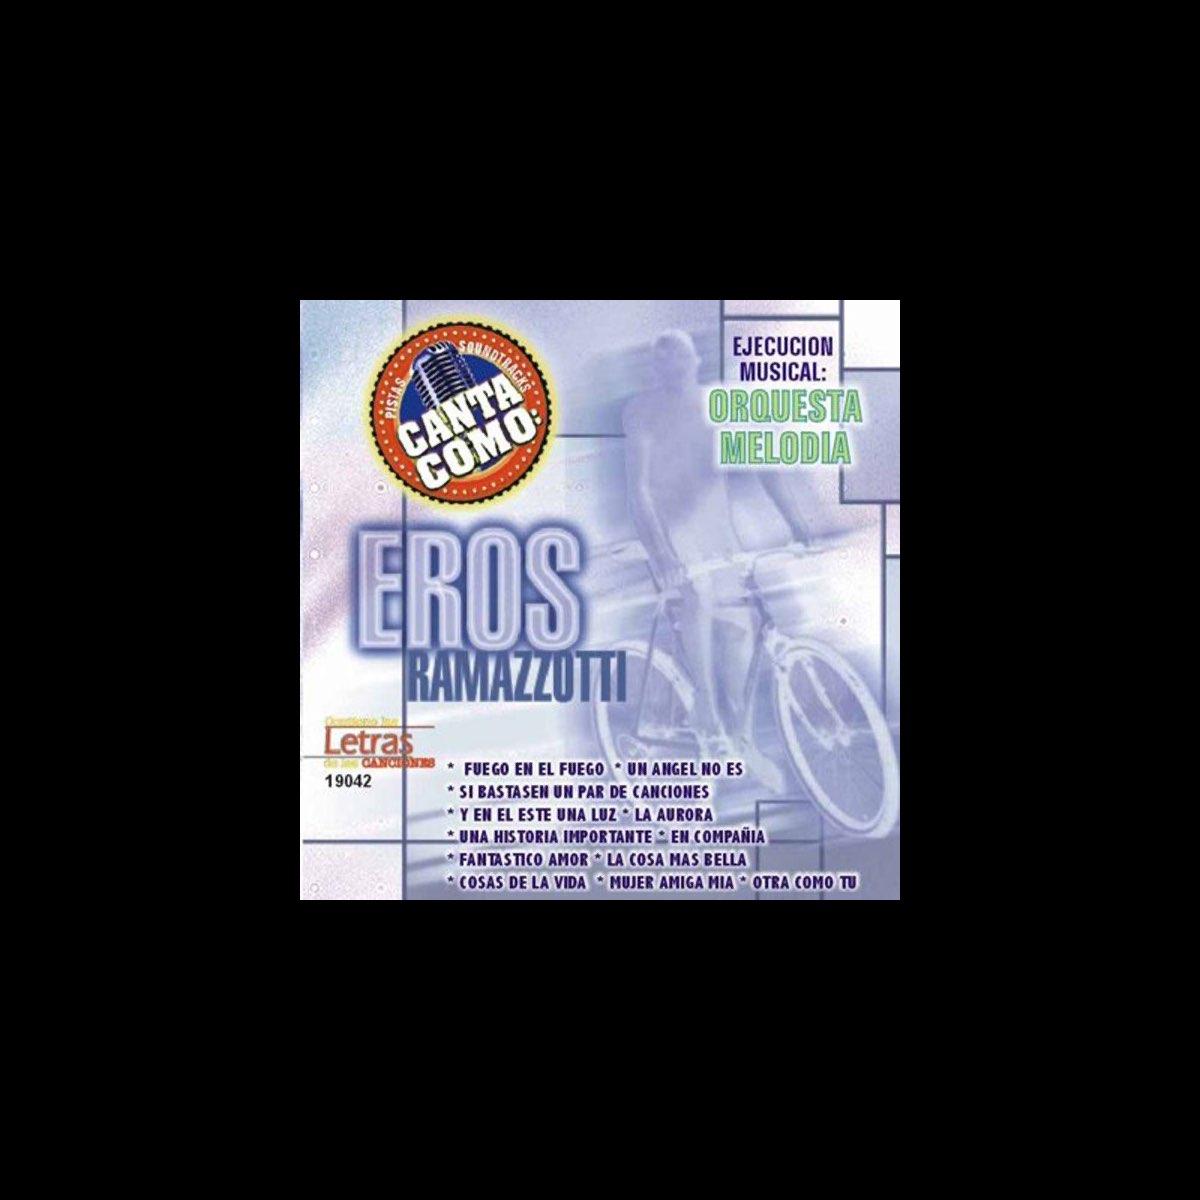 Canta Como Sing Along Eros Ramazzotti Par Orquesta Melodia Sur Apple Music